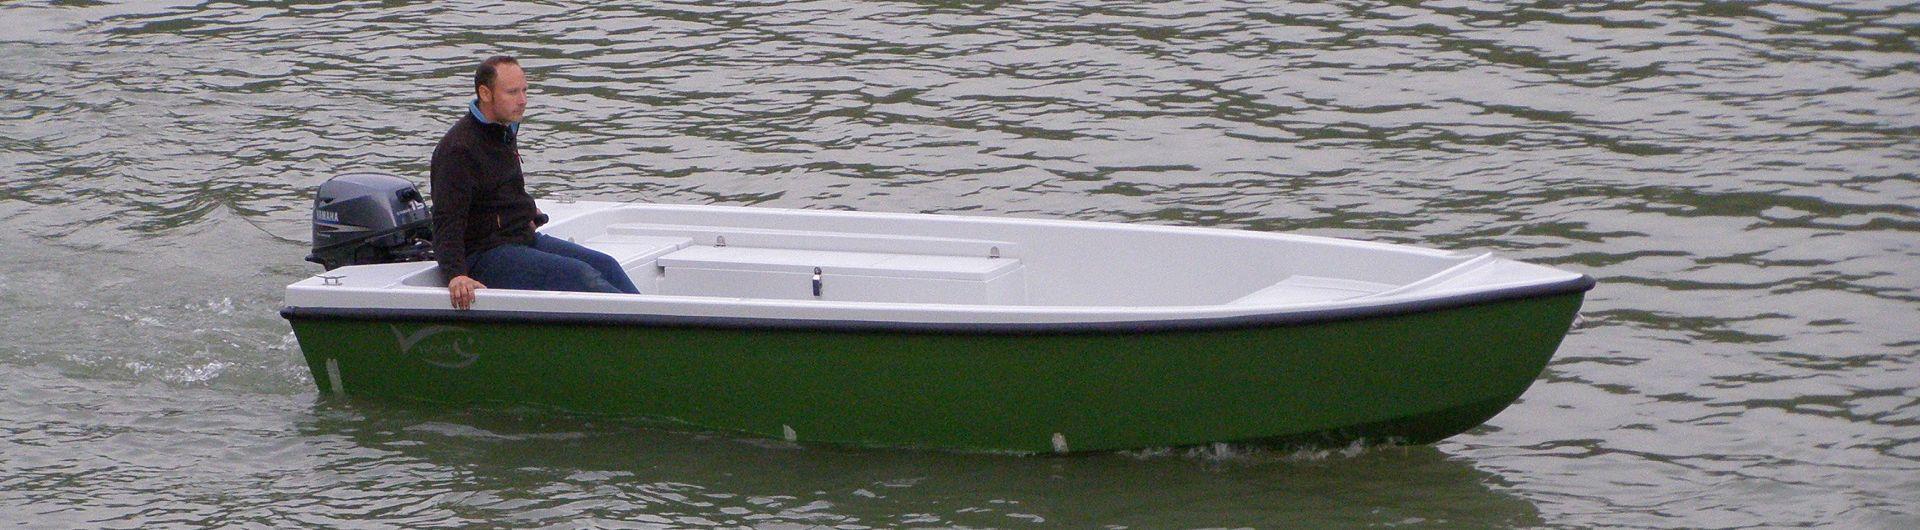 Fischerzille GFK Meyer Bootswerft Nova Fish Header